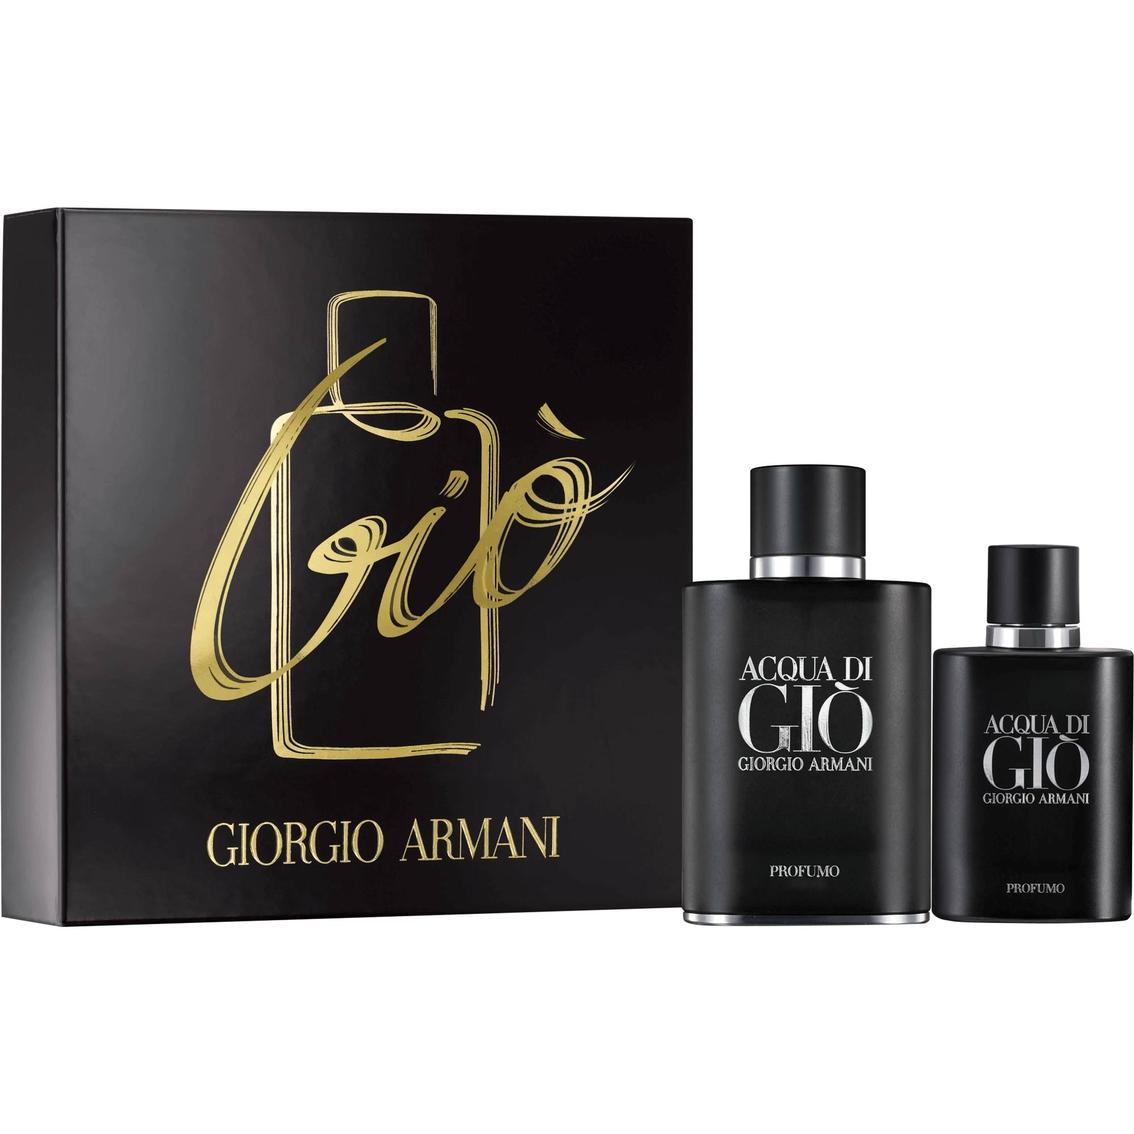 Acqua Di Gio For Men Gift Set